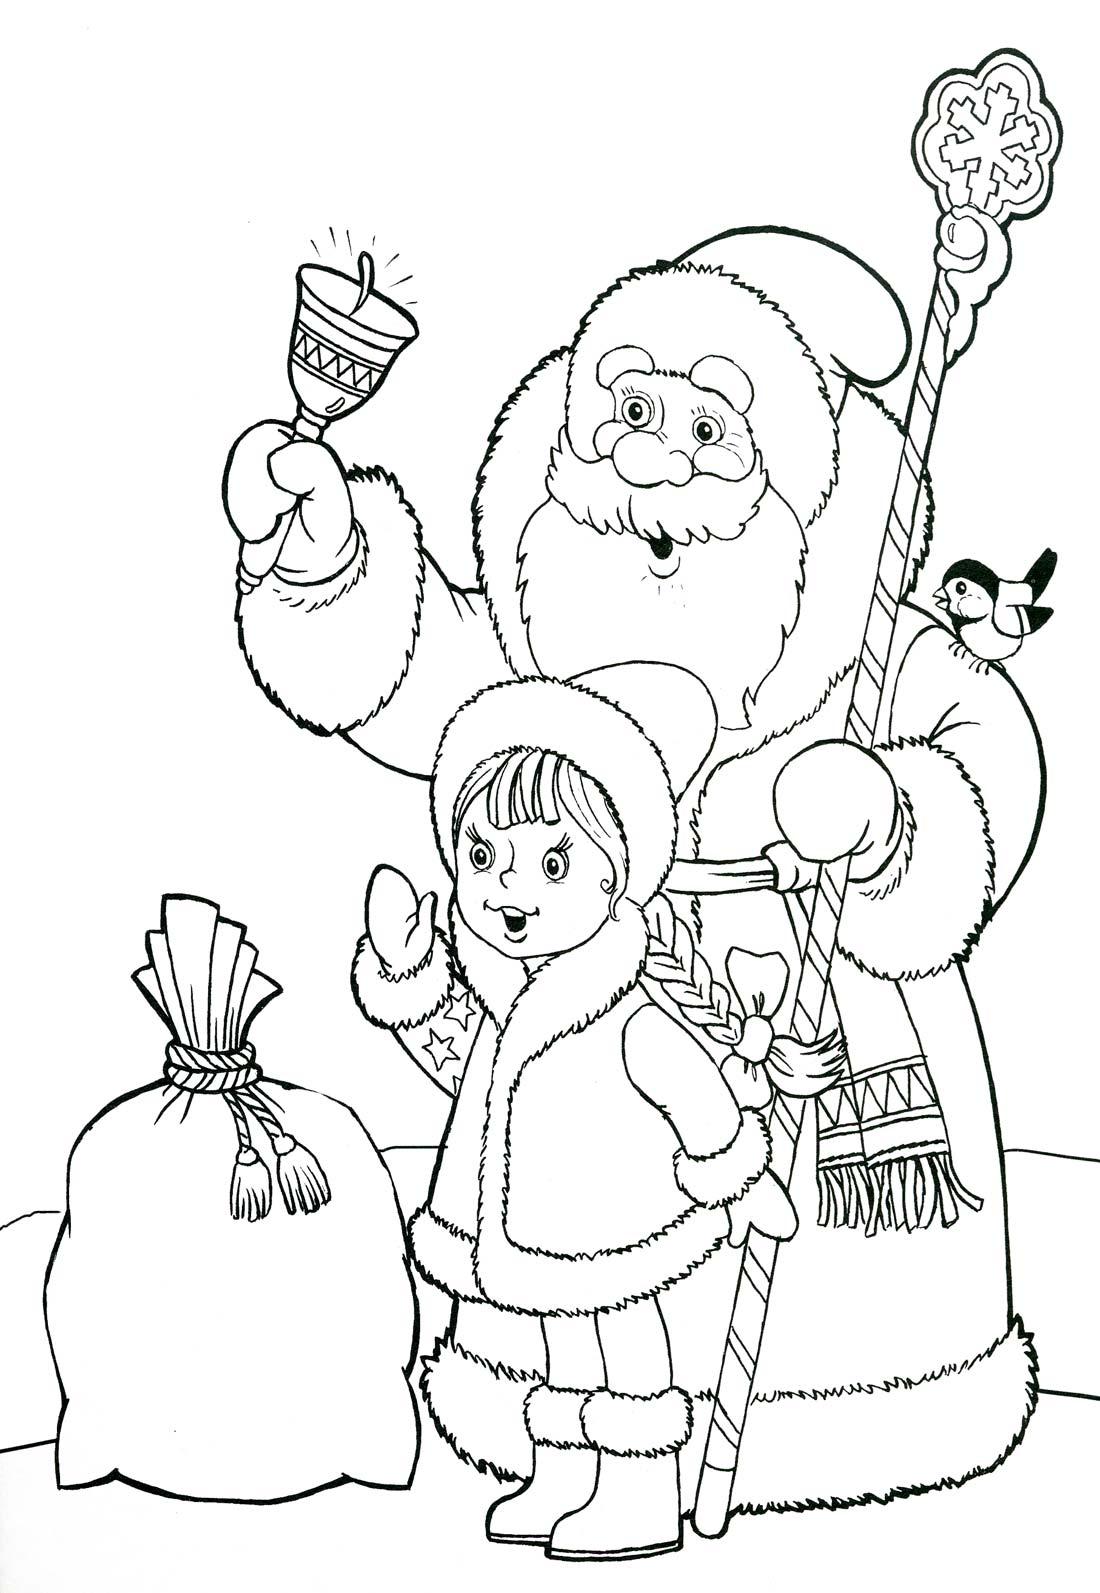 Дед мороз и снегурочка Раскраски зима скачать бесплатно